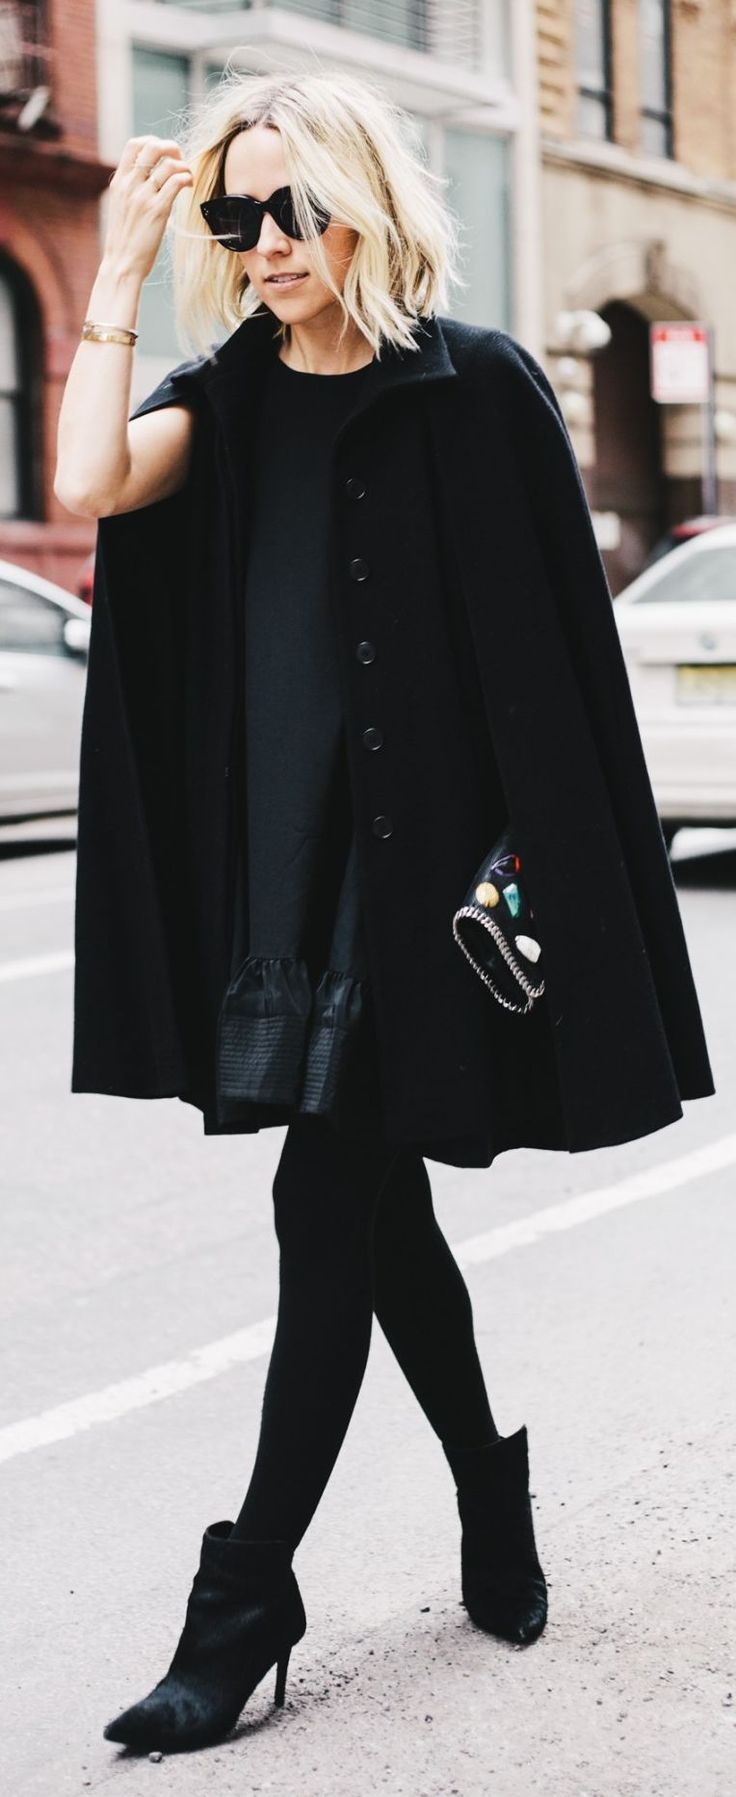 best everyday fashion images on pinterest feminine fashion